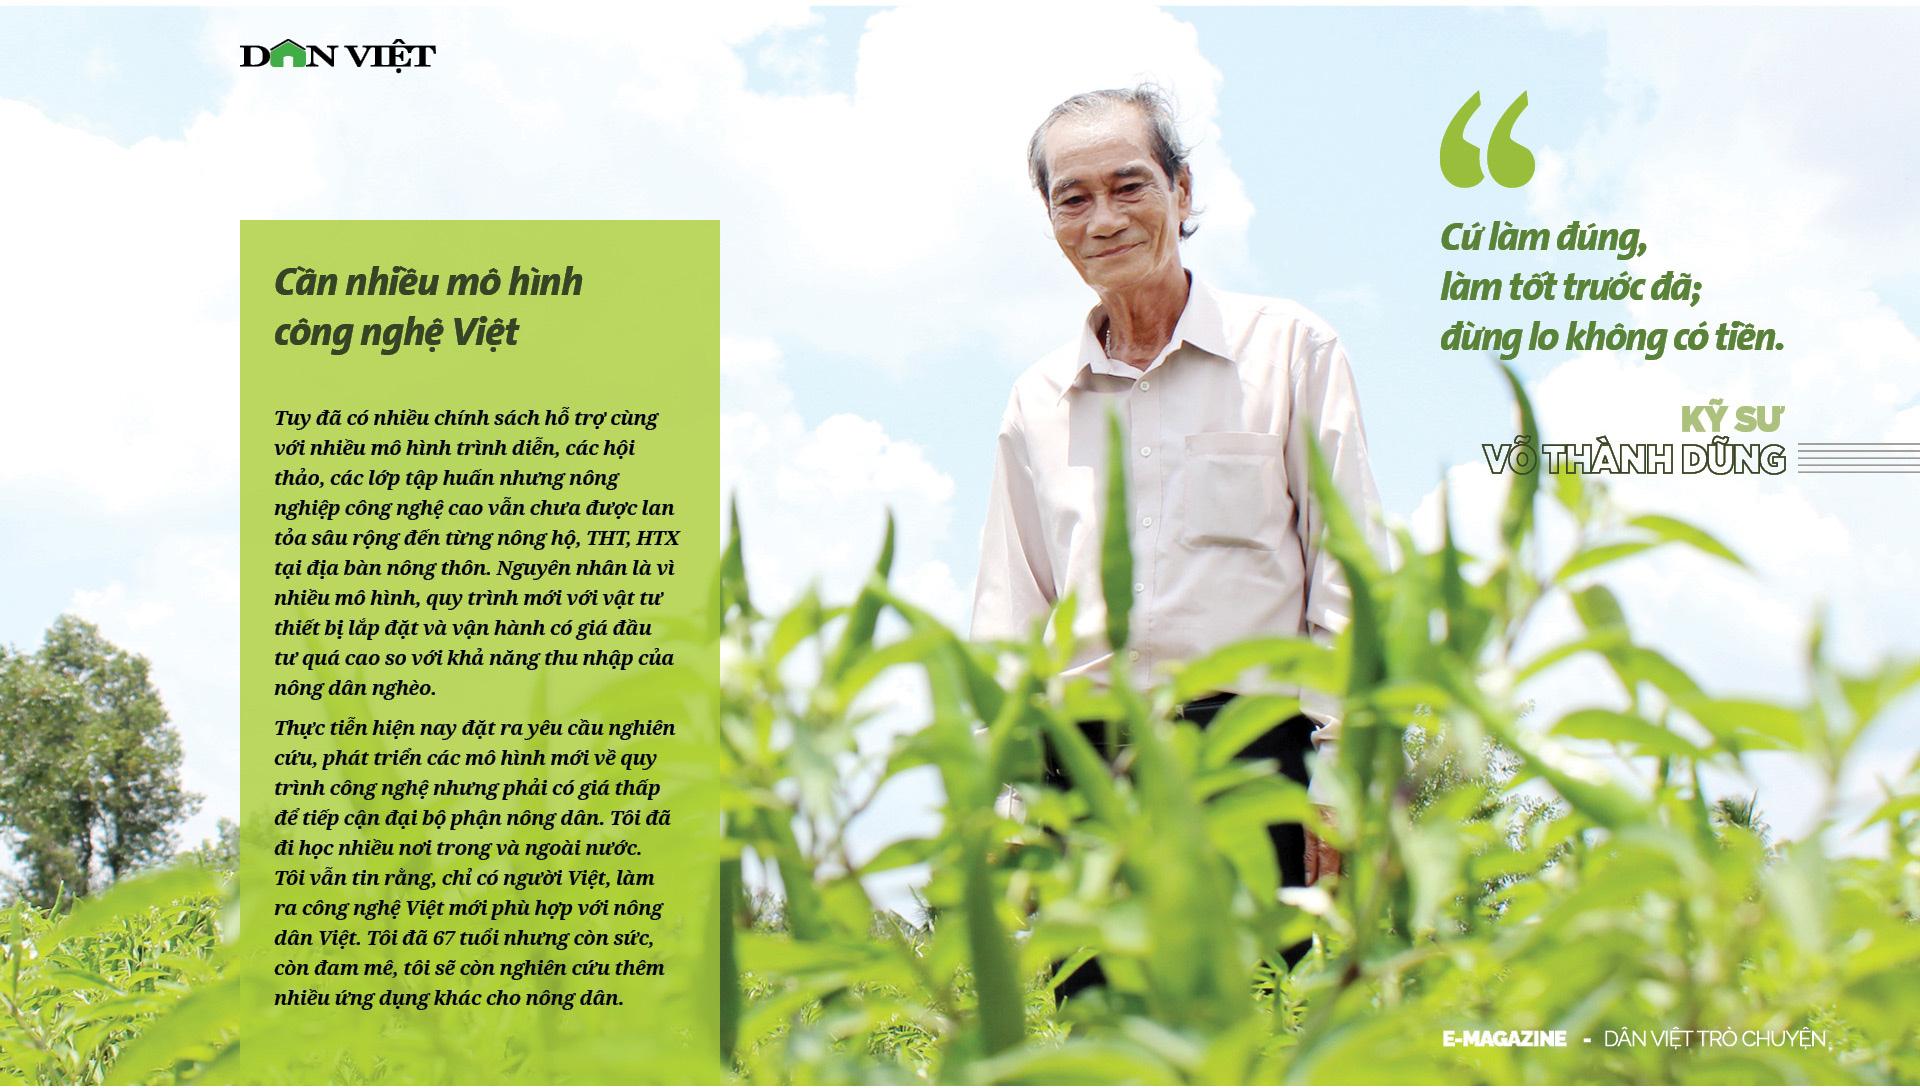 Kỹ sư Võ Thành Dũng: 10 năm đi tìm giấc mơ hữu cơ giá rẻ cho dân nghèo - Ảnh 9.